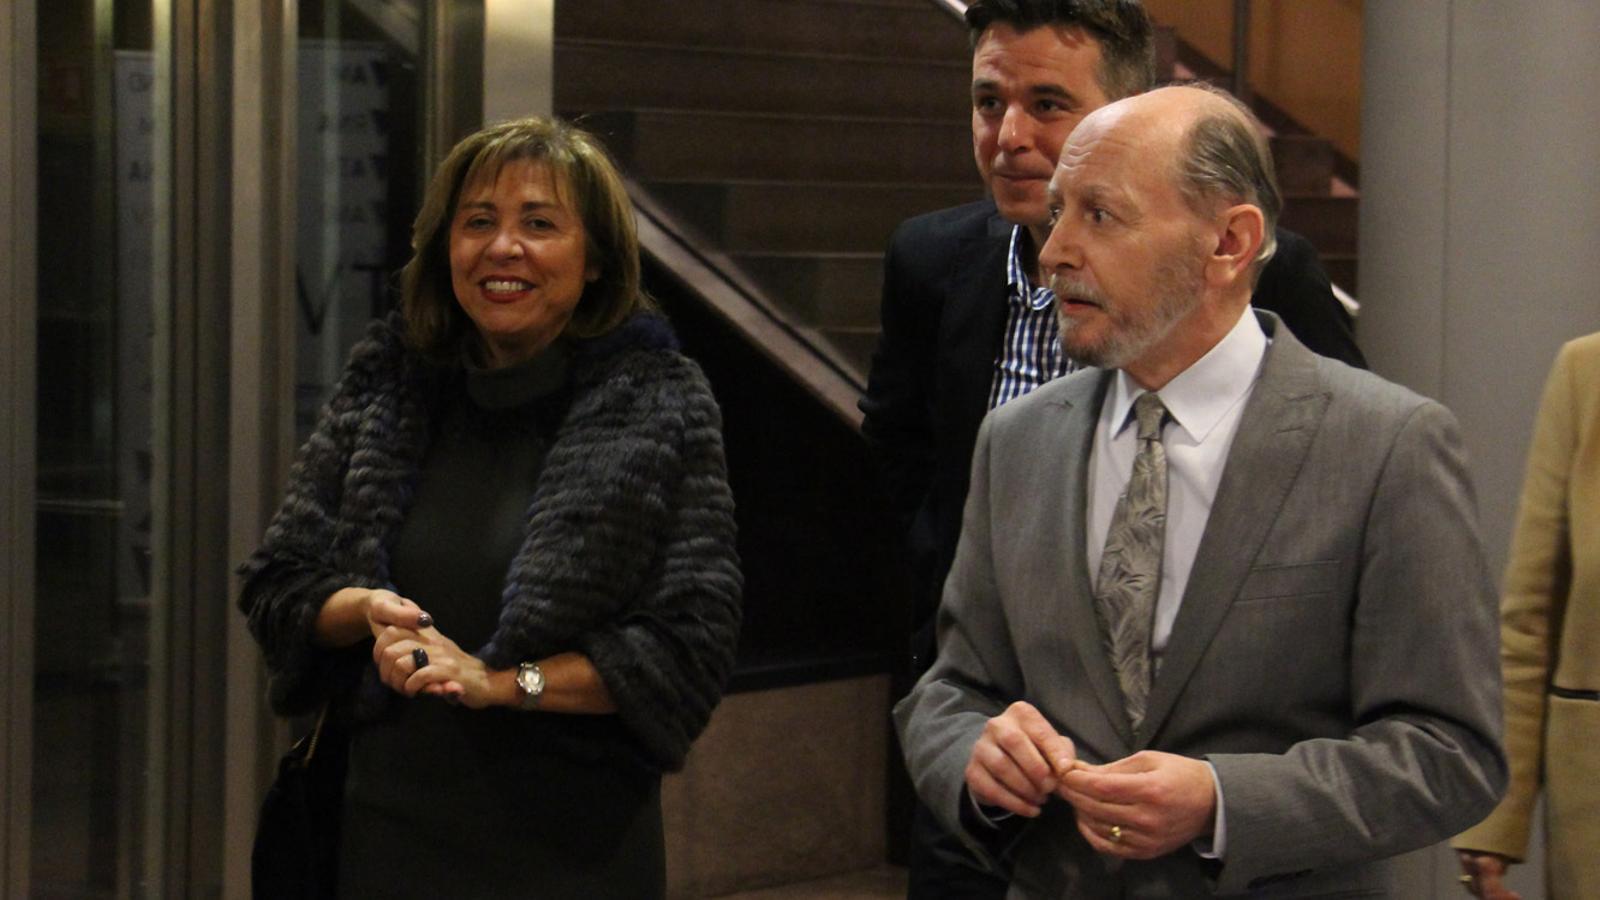 L'ex-director de Comunicació del comú d'Andorra la Vella, Manel Sansa, amb els cònsols actuals, Conxita Marsol i Marc Pons. / G. LL. (ANA)